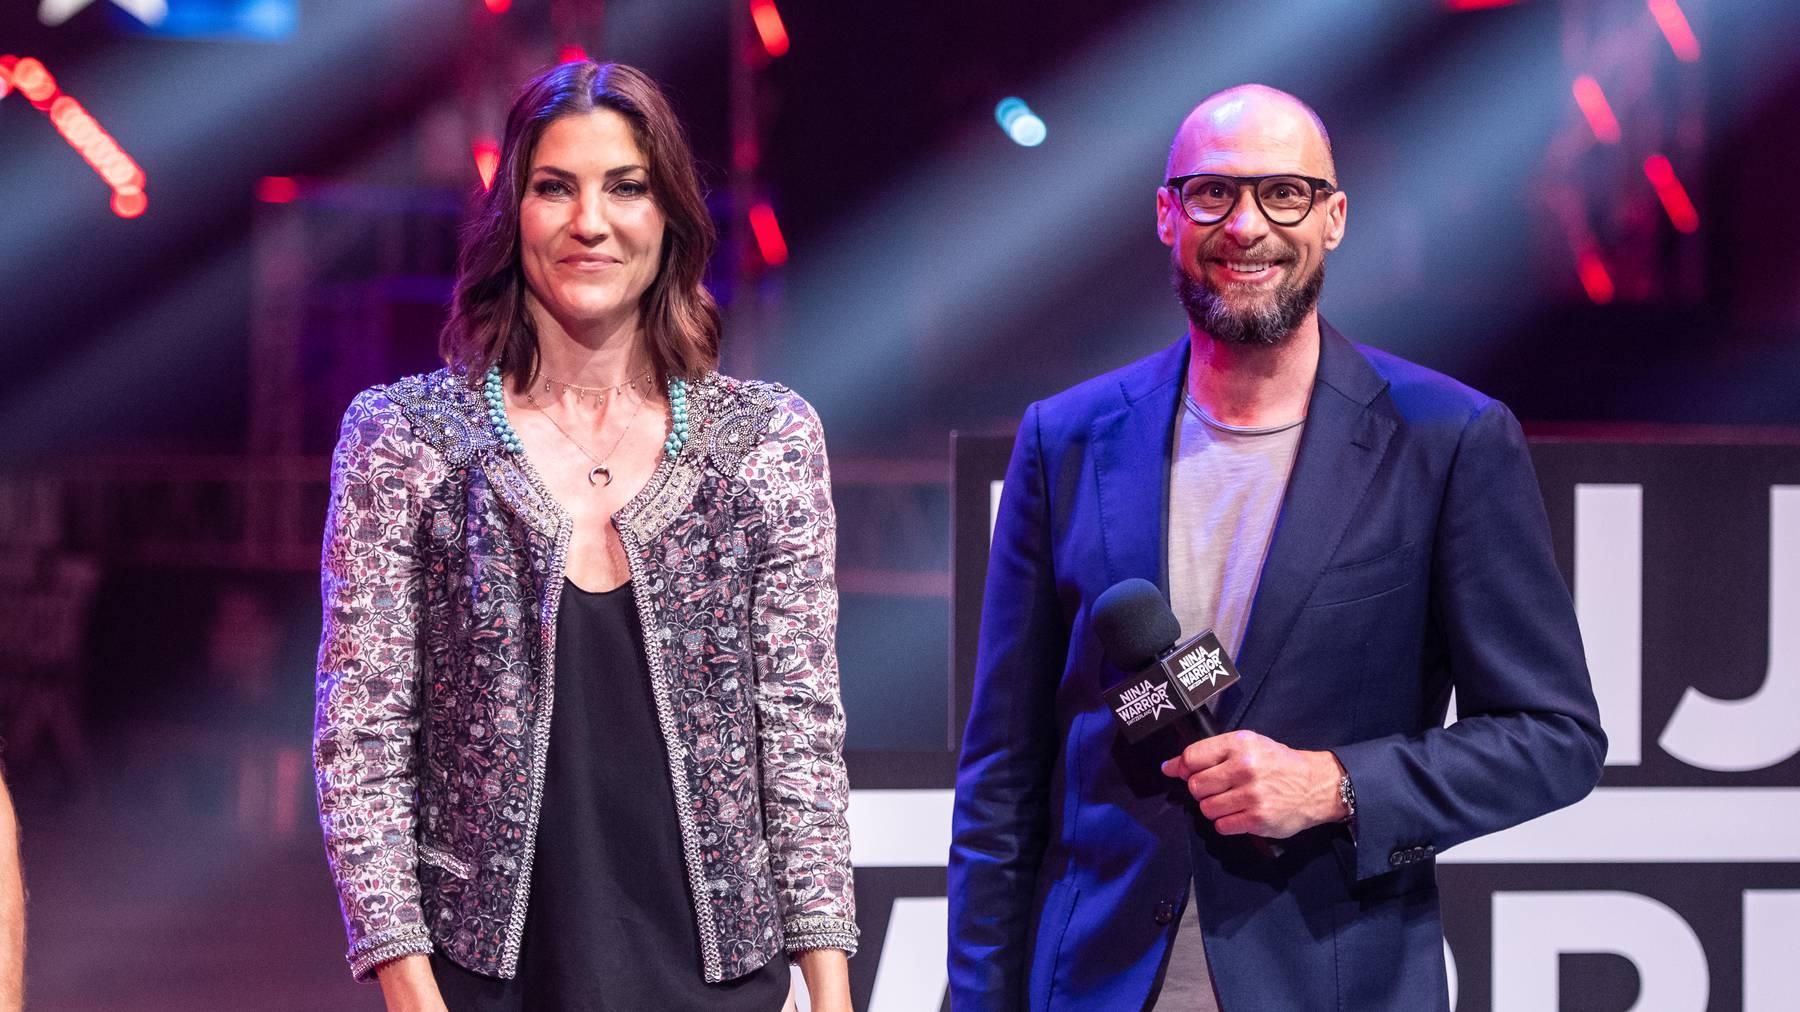 Gastronom/Unternehmer Maximilian Baumann und Moderatorin/DJane Annina Frey